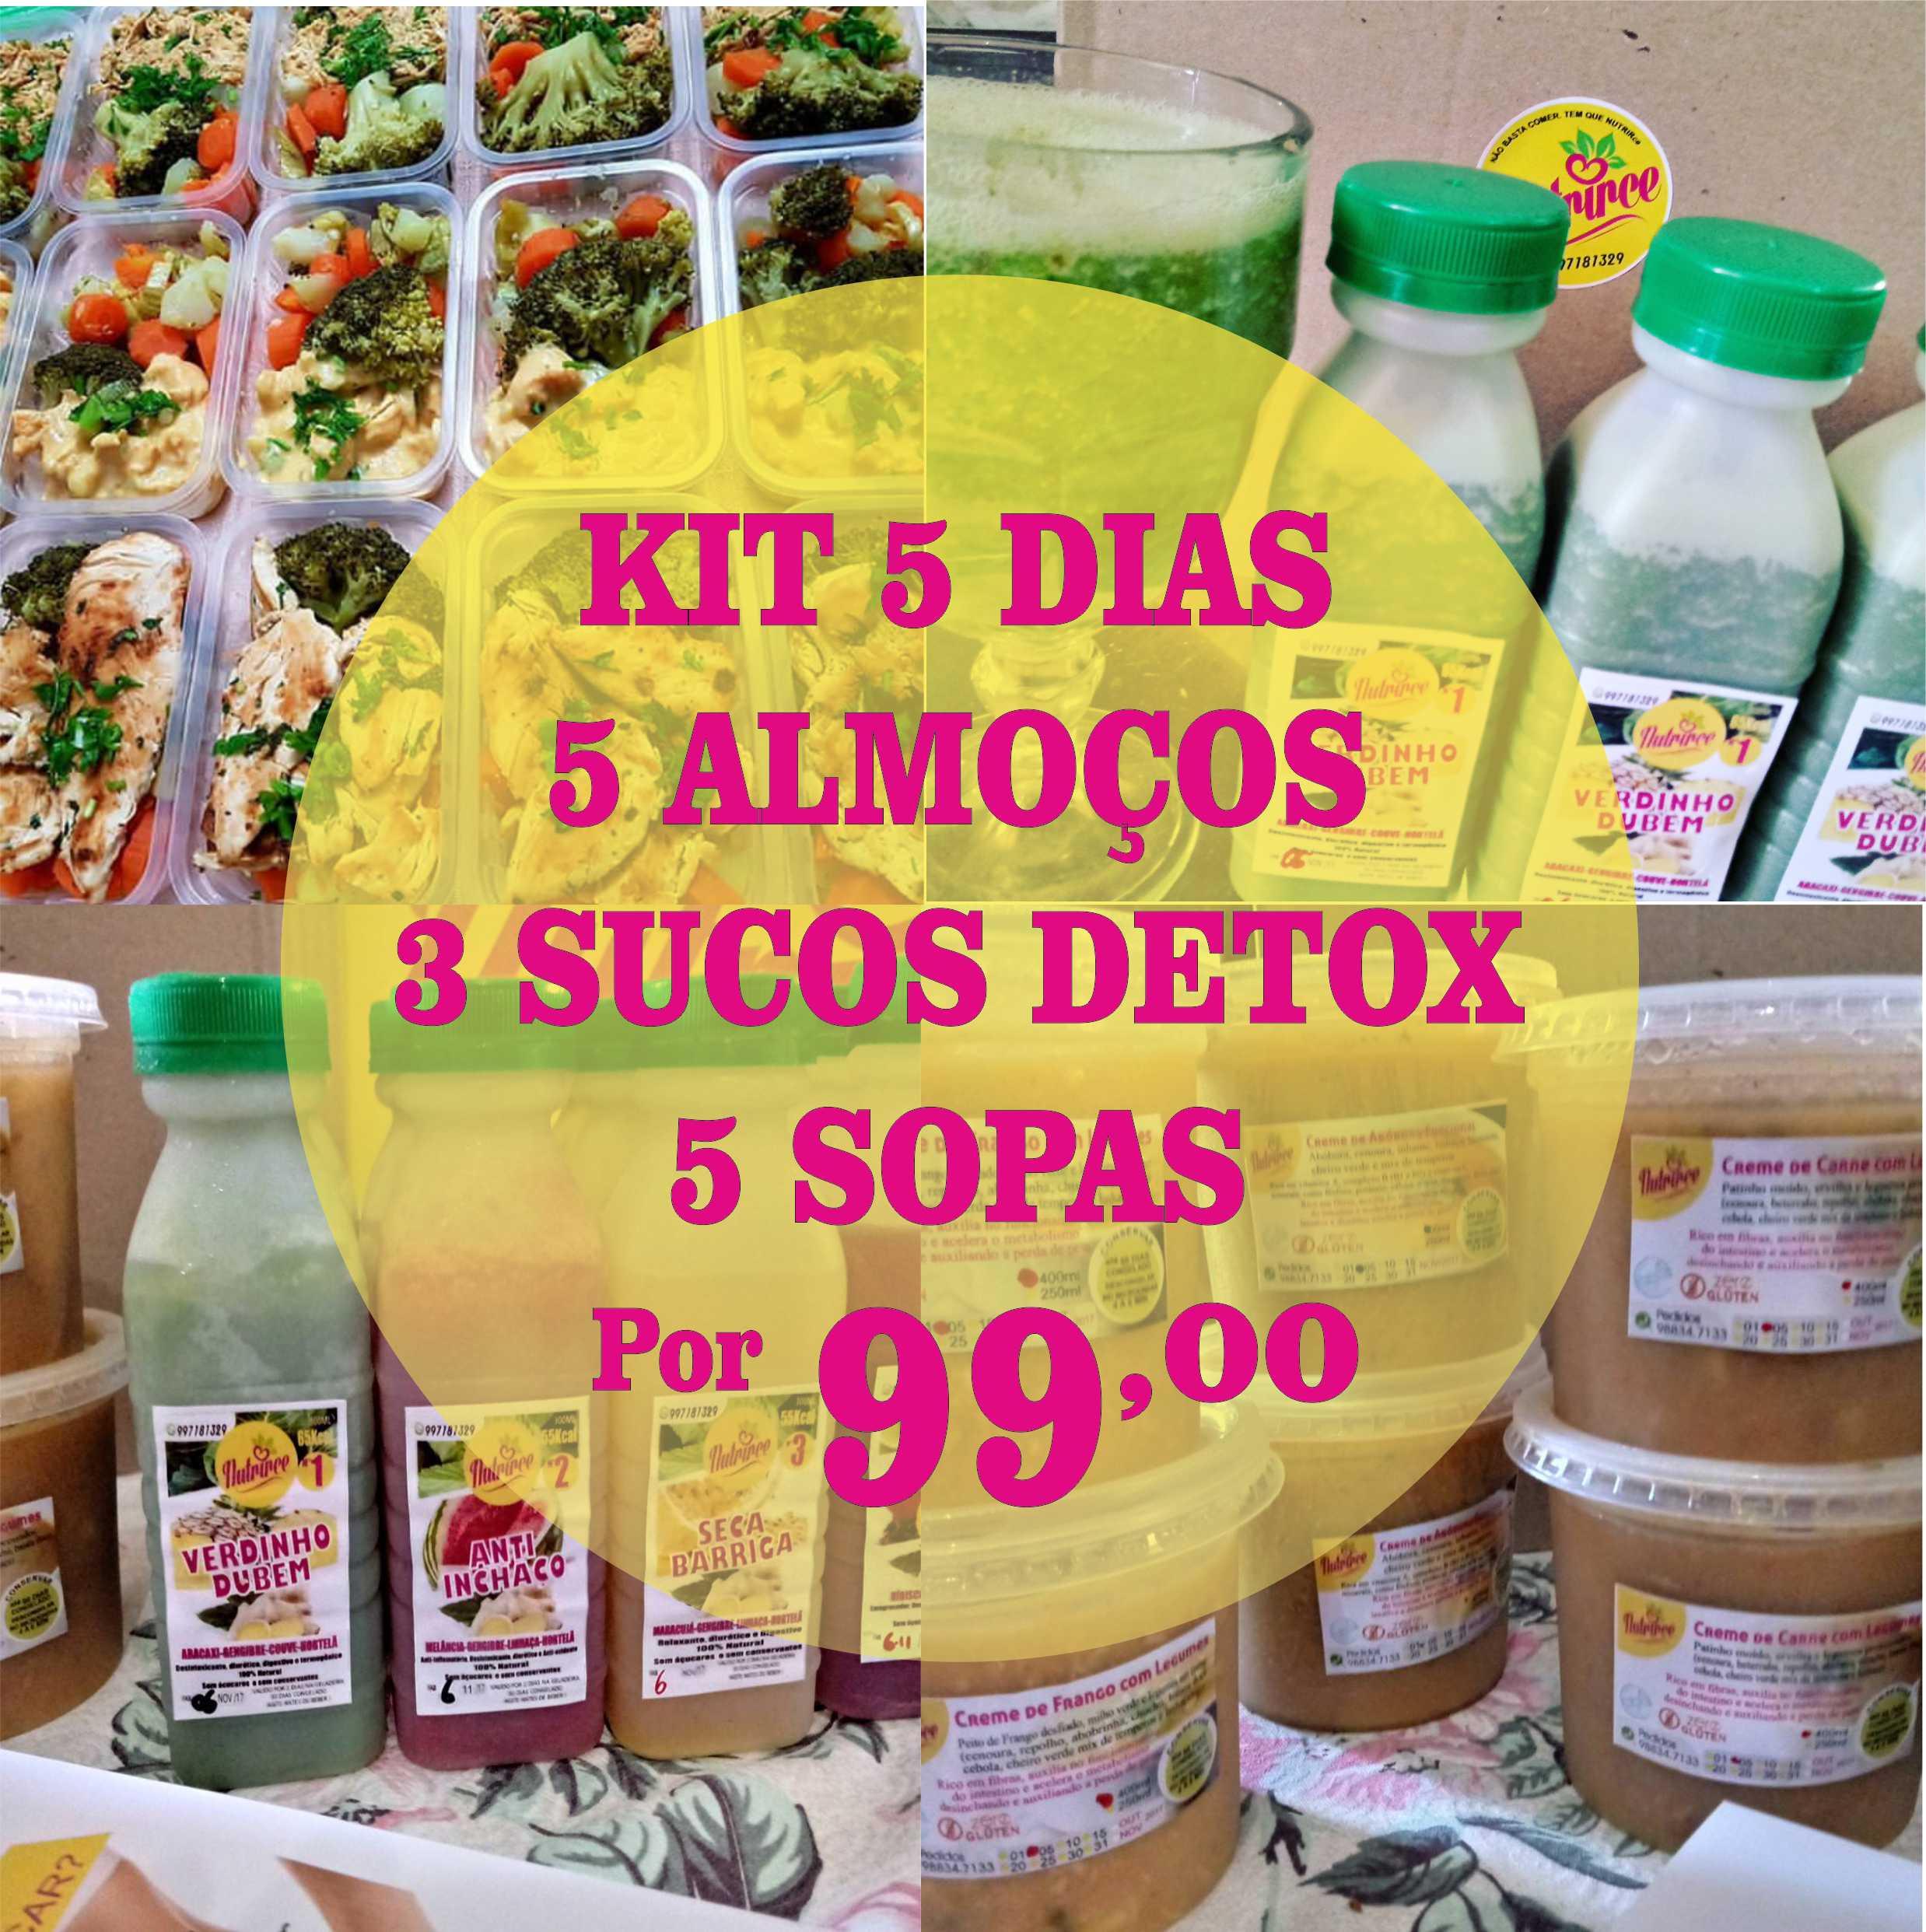 Kit 5 dias (5 Marmitas Integrais 350g cada + 3 Sucos Detox (300ml cada + 5 Sopas Detox 250ml cada) de R$150 por R$99